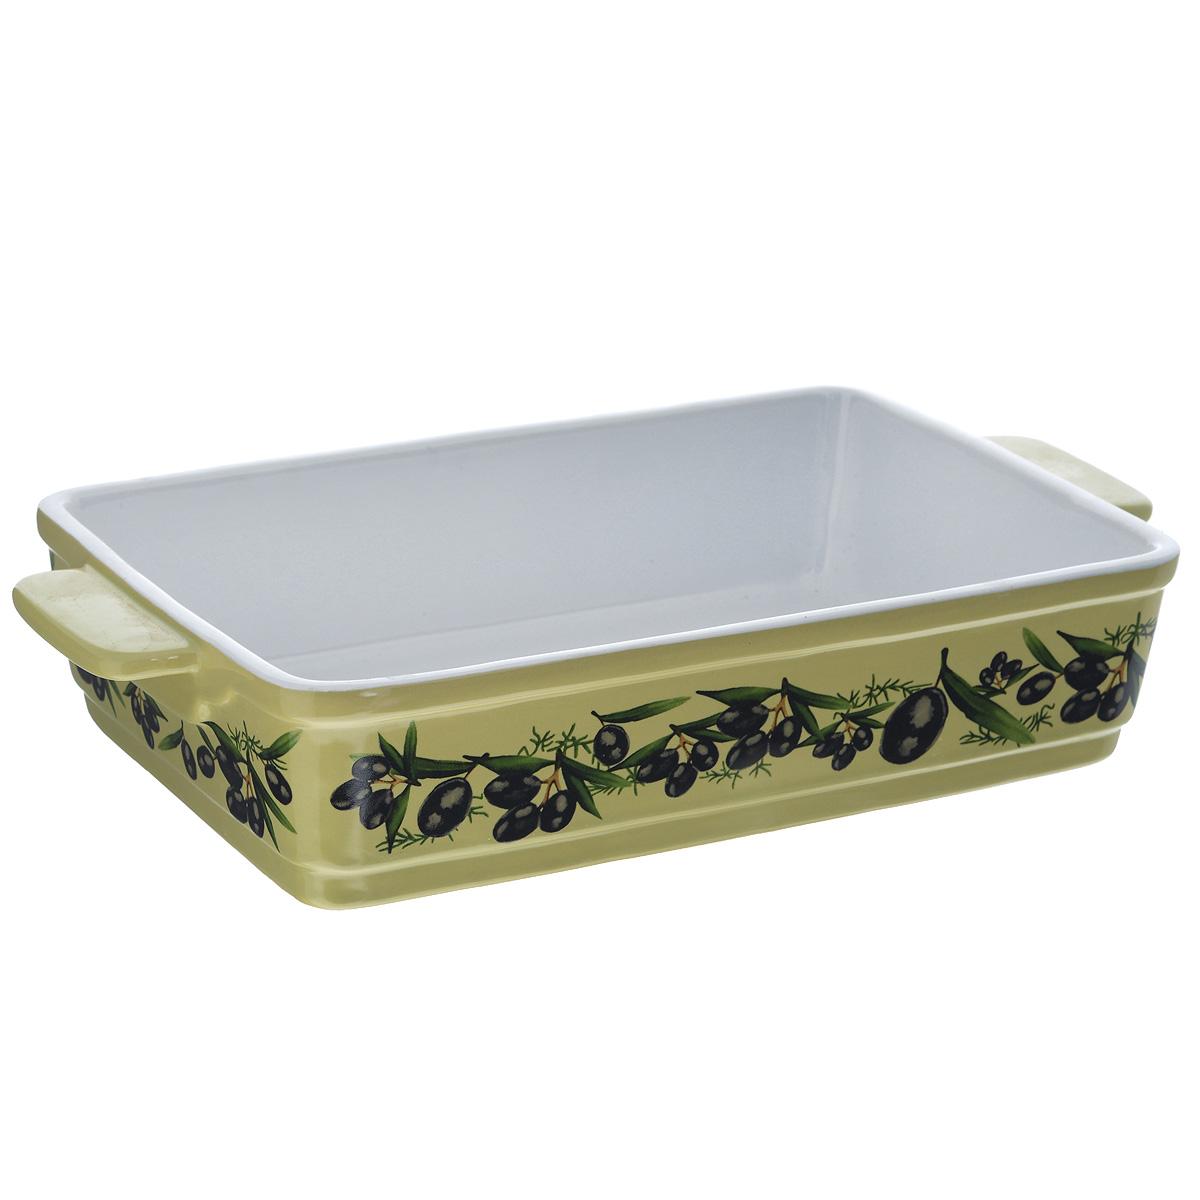 """Прямоугольная форма для запекания Едим Дома """"Тоскана"""" изготовлена из   жаропрочной керамики, покрытой глазурью. Такая керамика выдерживает   температуру от -30°С до +220°С, что позволяет использовать ее и в   холодильнике, и в духовке. Изделие декорировано изображением оливок. Форма   идеальна для запекания мяса и овощей. Оснащена удобными ручками.   Можно использовать в микроволновой печи и духовке. Можно мыть в   посудомоечной машине.  Внутренний размер формы: 26 см х 17,7 см.  Размер формы (с учетом ручек): 31 см х 17,7 см.  Высота стенки: 6 см.     Как выбрать форму для выпечки – статья на OZON Гид."""